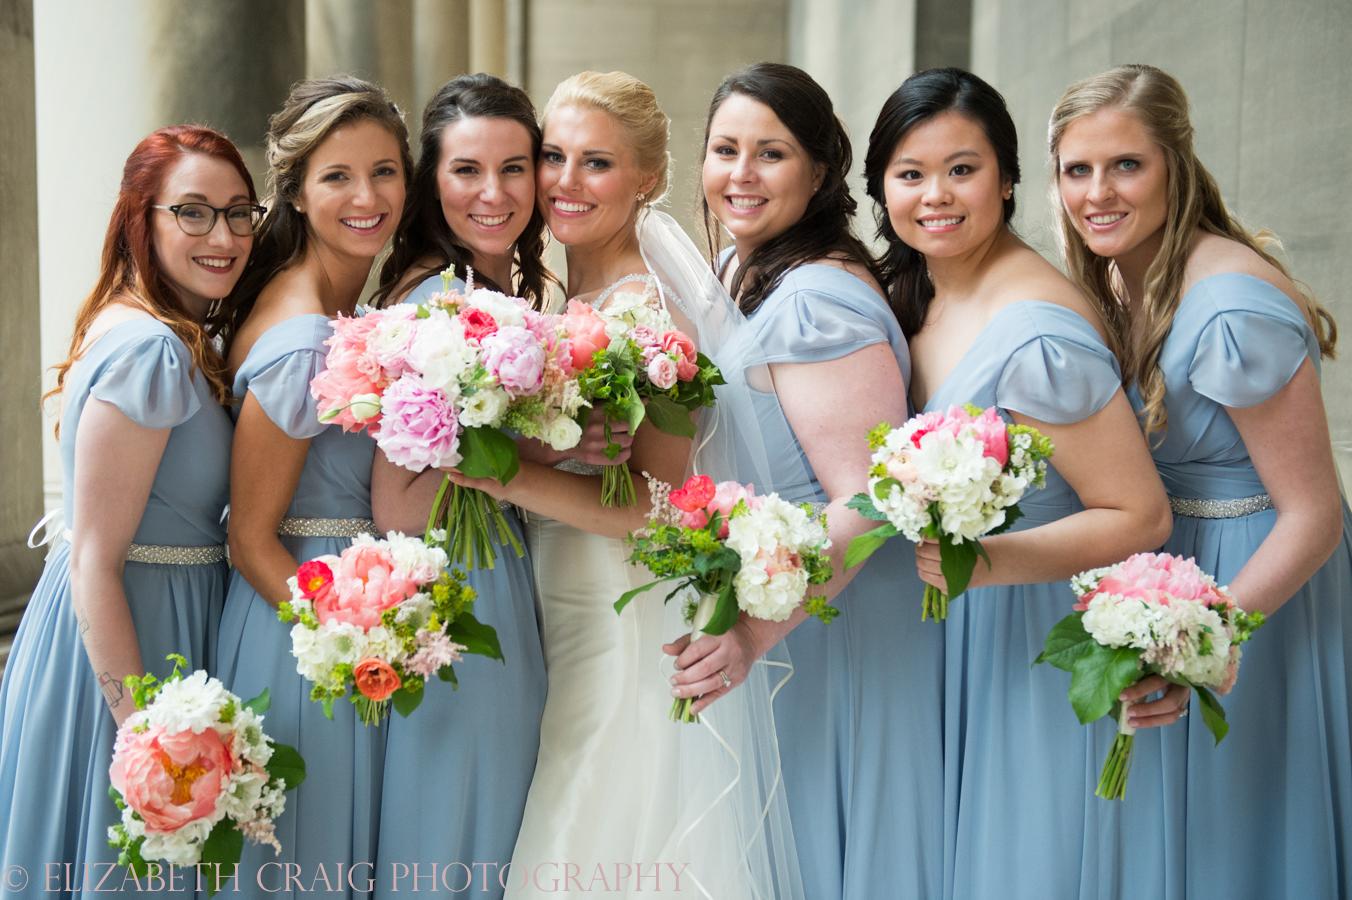 Elizabeth Craig Wedding Photography-121